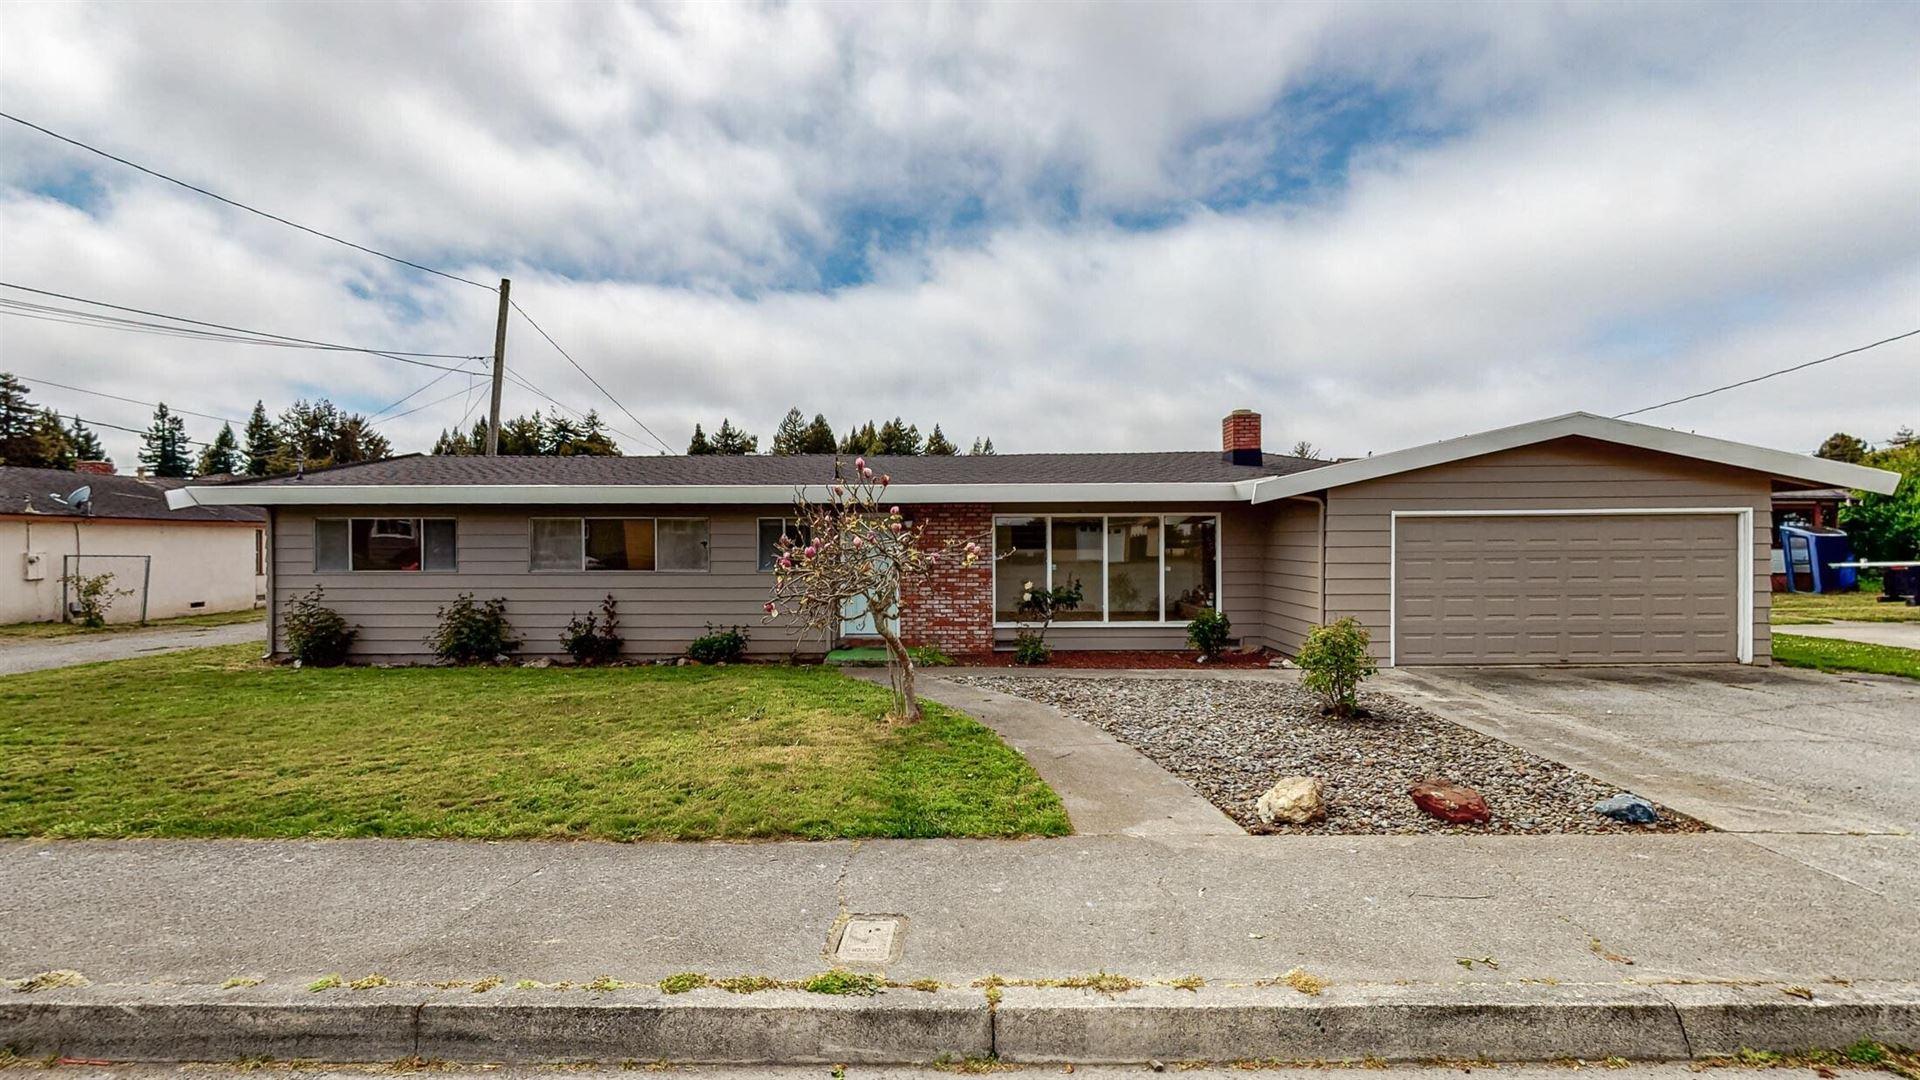 4140 Walnut Drive, Eureka, CA 95503 - MLS#: 259013